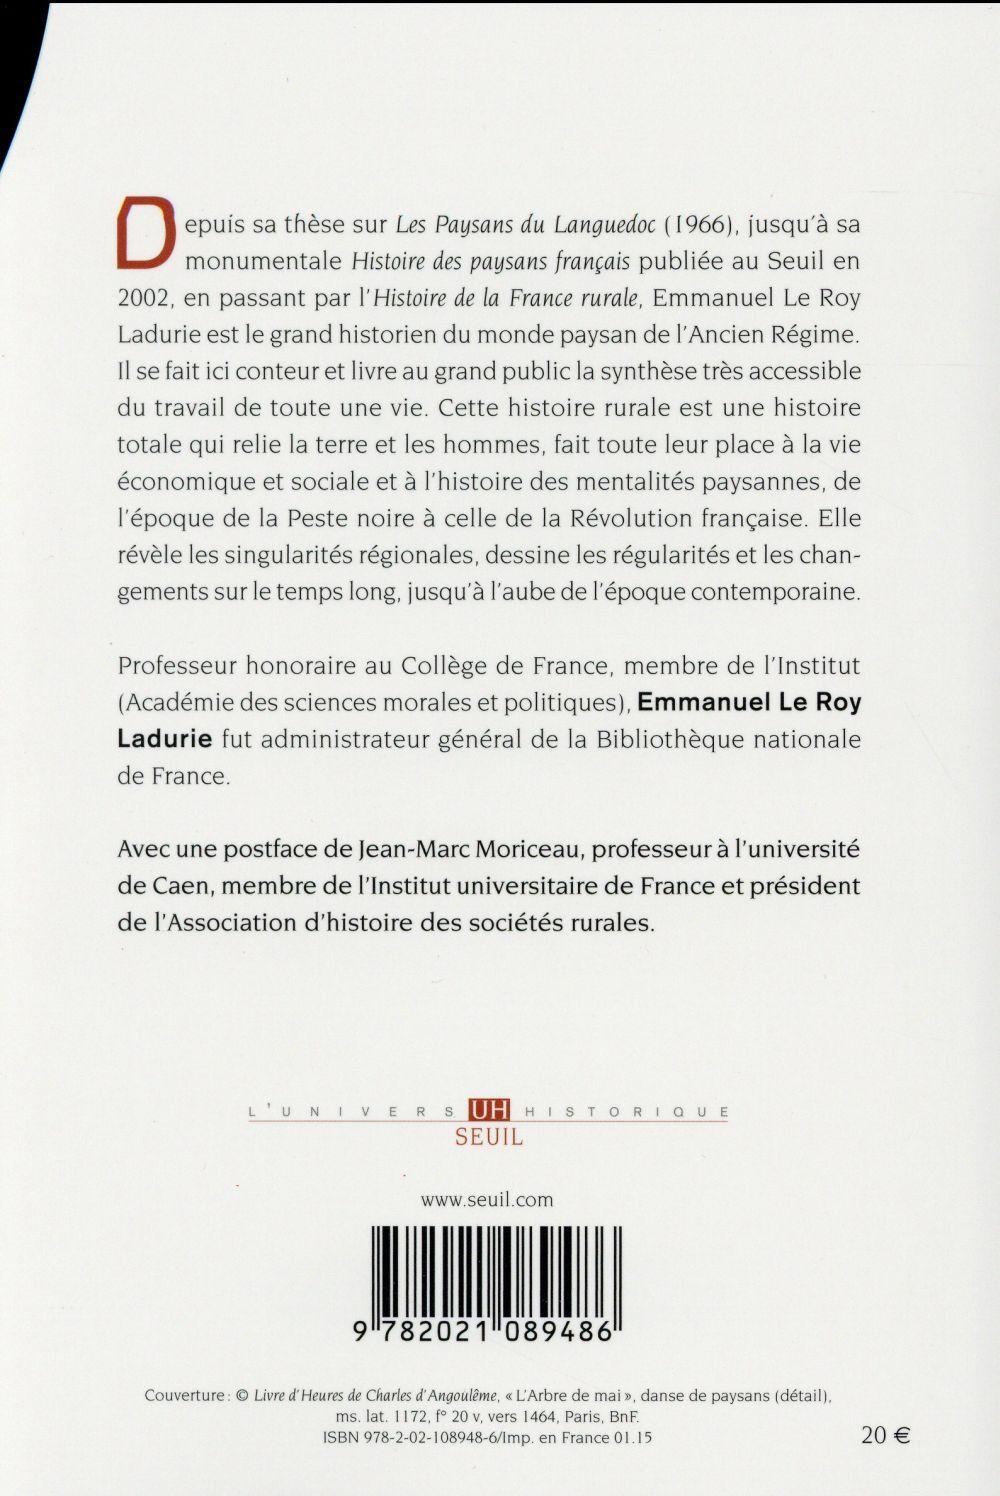 Les paysans français d'Ancien Régime ; du XIVe au XVIIIe siècle